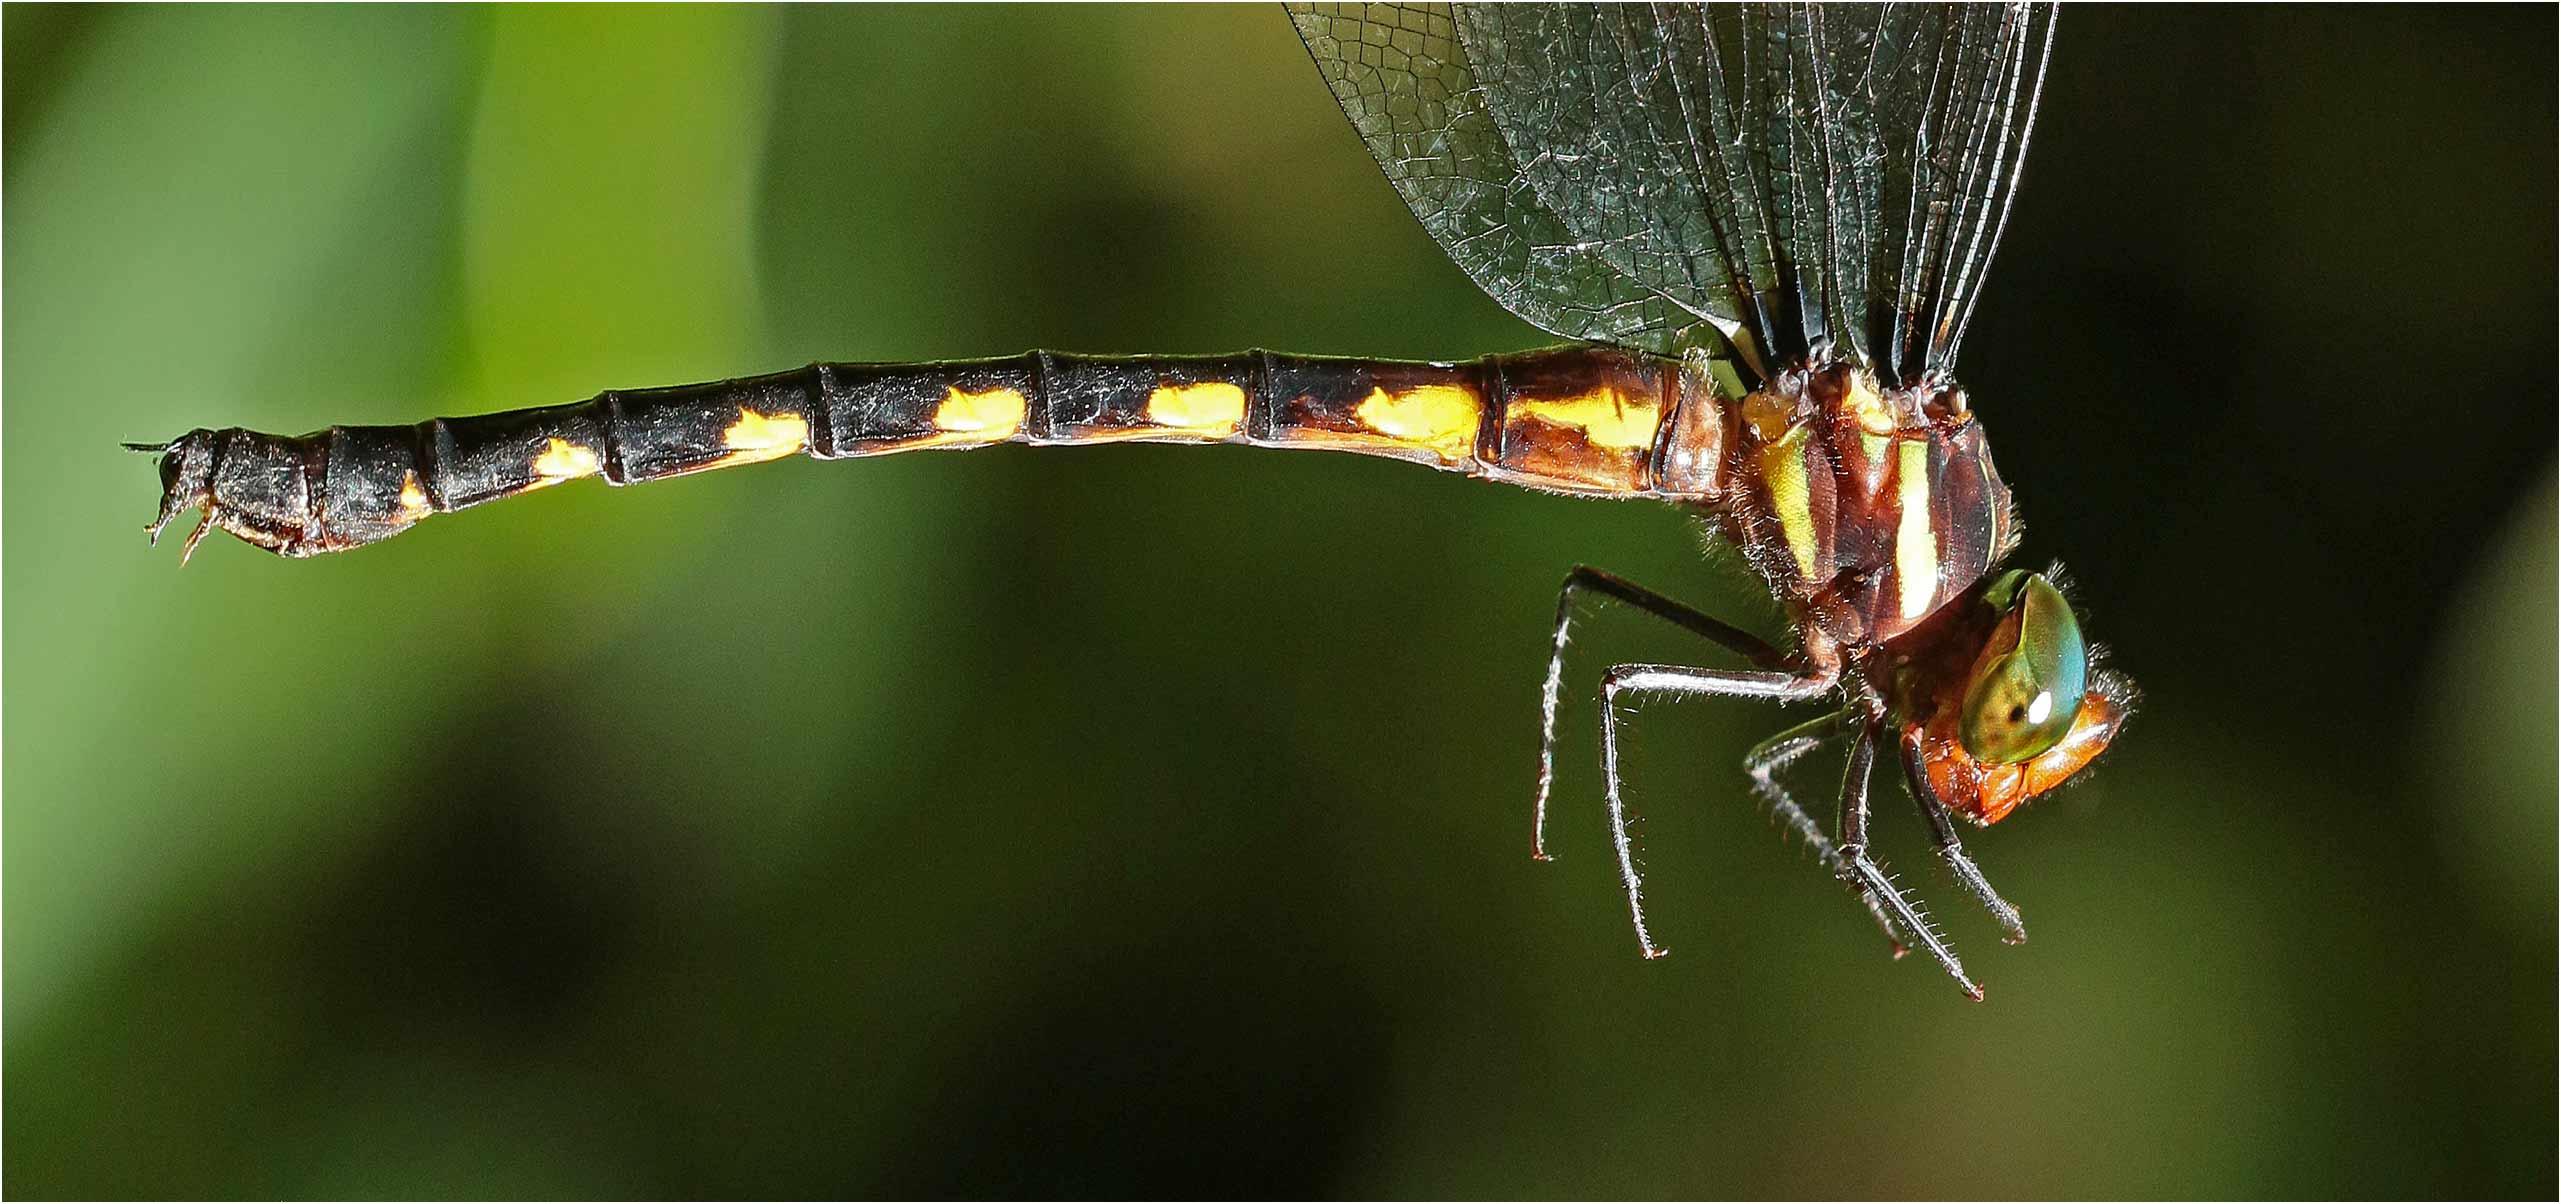 Periaeschna magdalena femelle, Vietnam, Pia Oac, 5 juin 2018